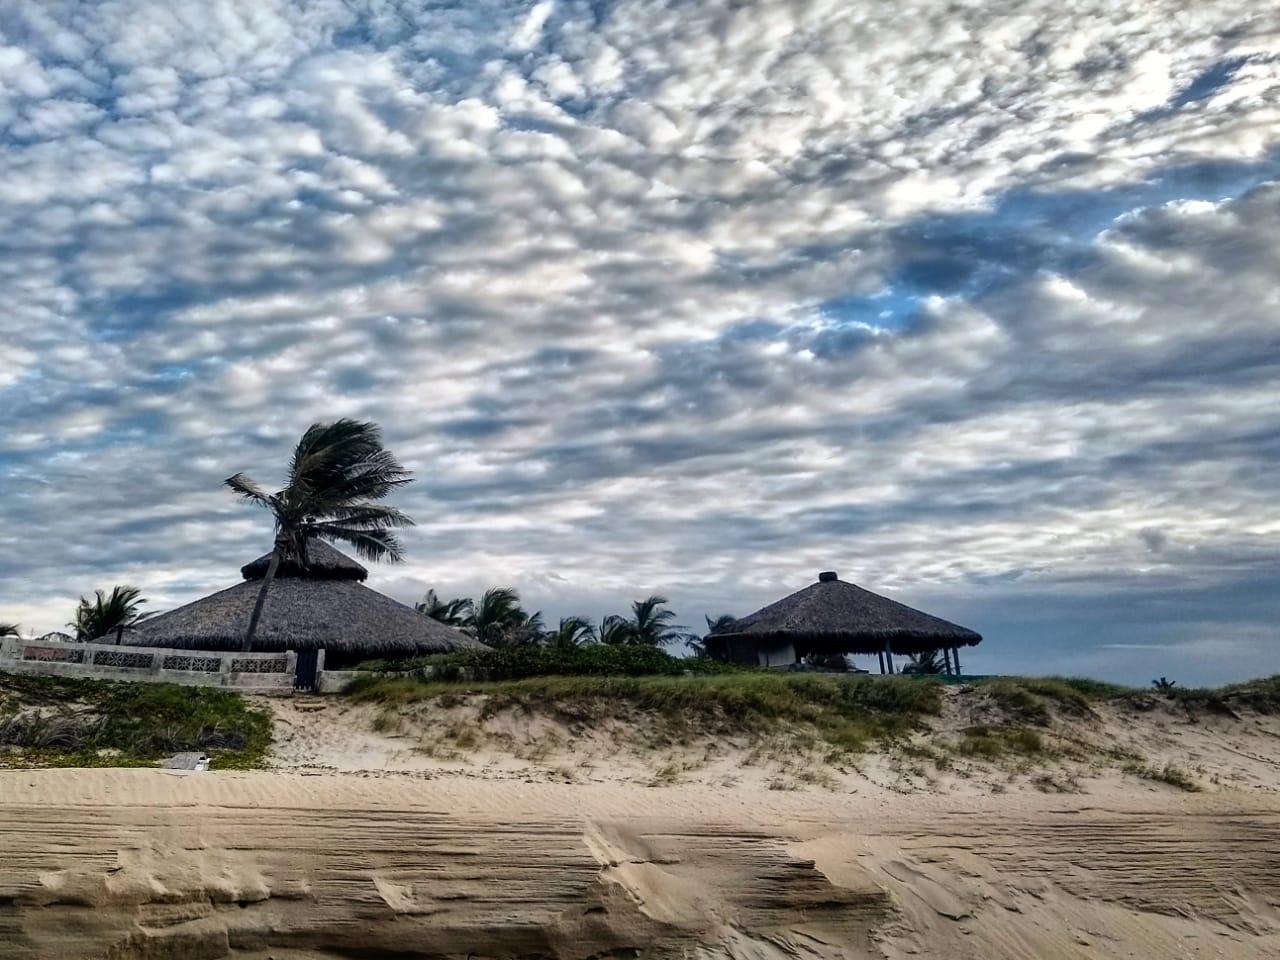 Condições de chuva para o litoral foram reduzidas (FOTO: Lilyan Lima)